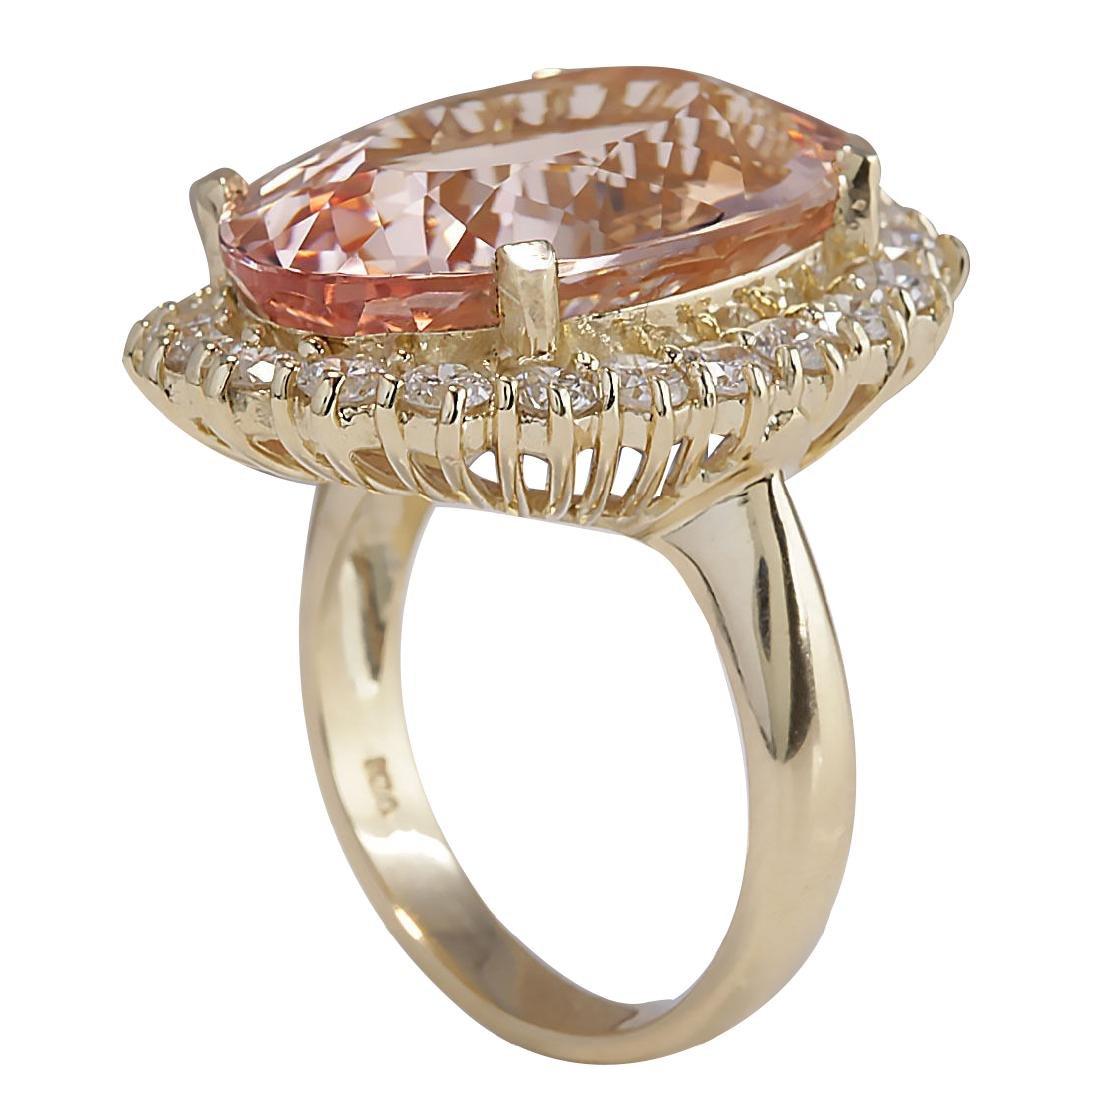 17.14CTW Natural Morganite And Diamond Ring In 18K - 3